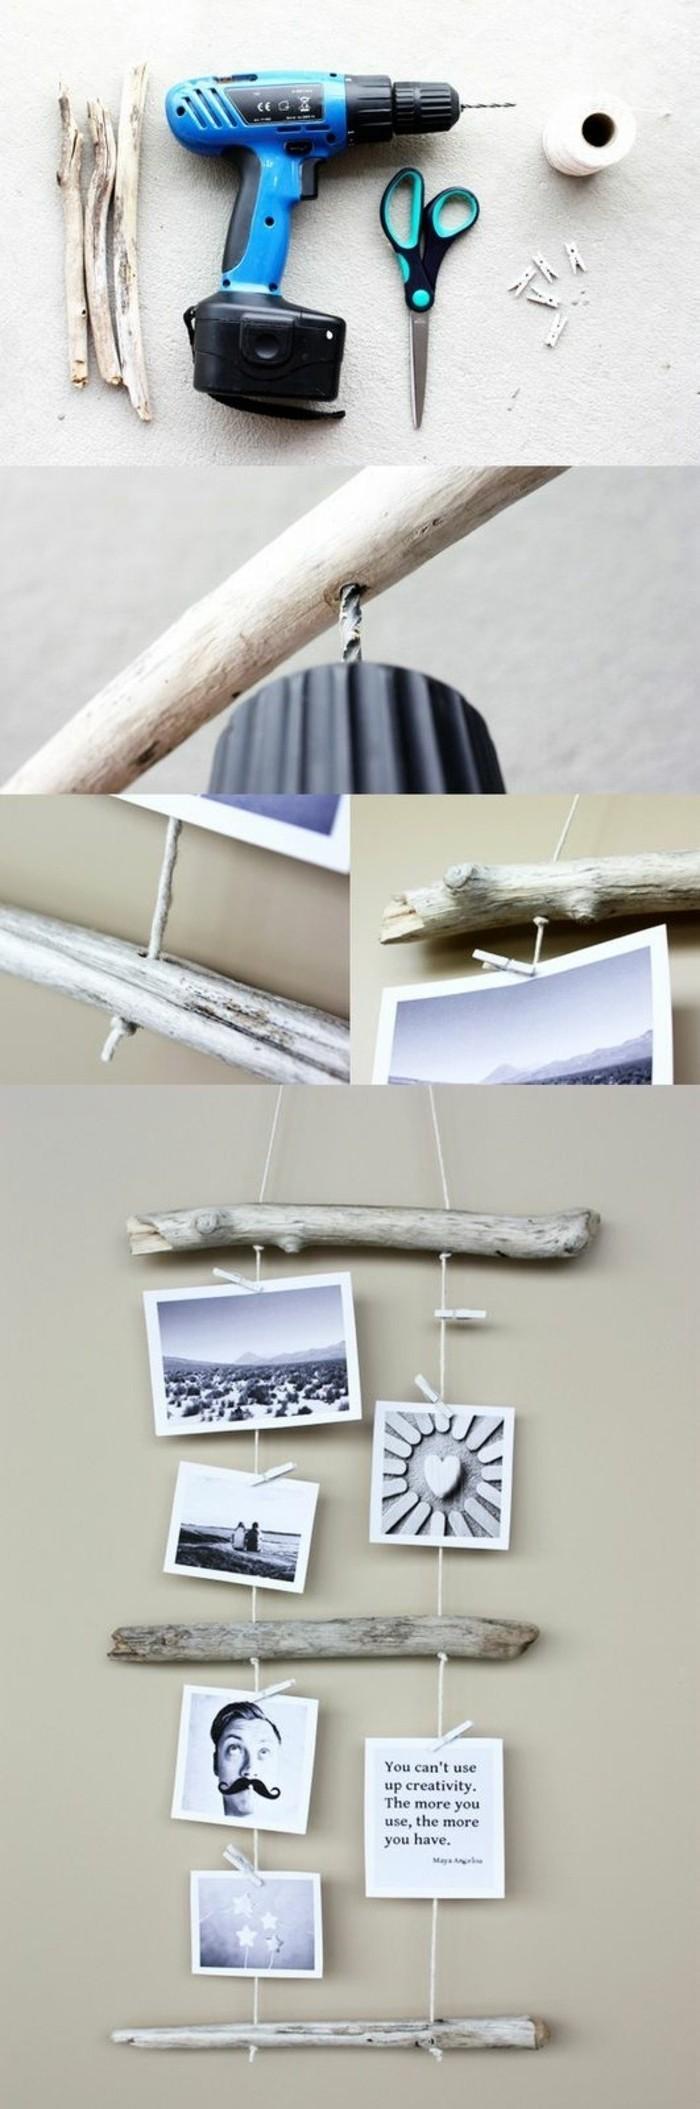 5-basteln-mit-treibholz-fotowand-selber-machen-aeste-bilder-bohre-schere